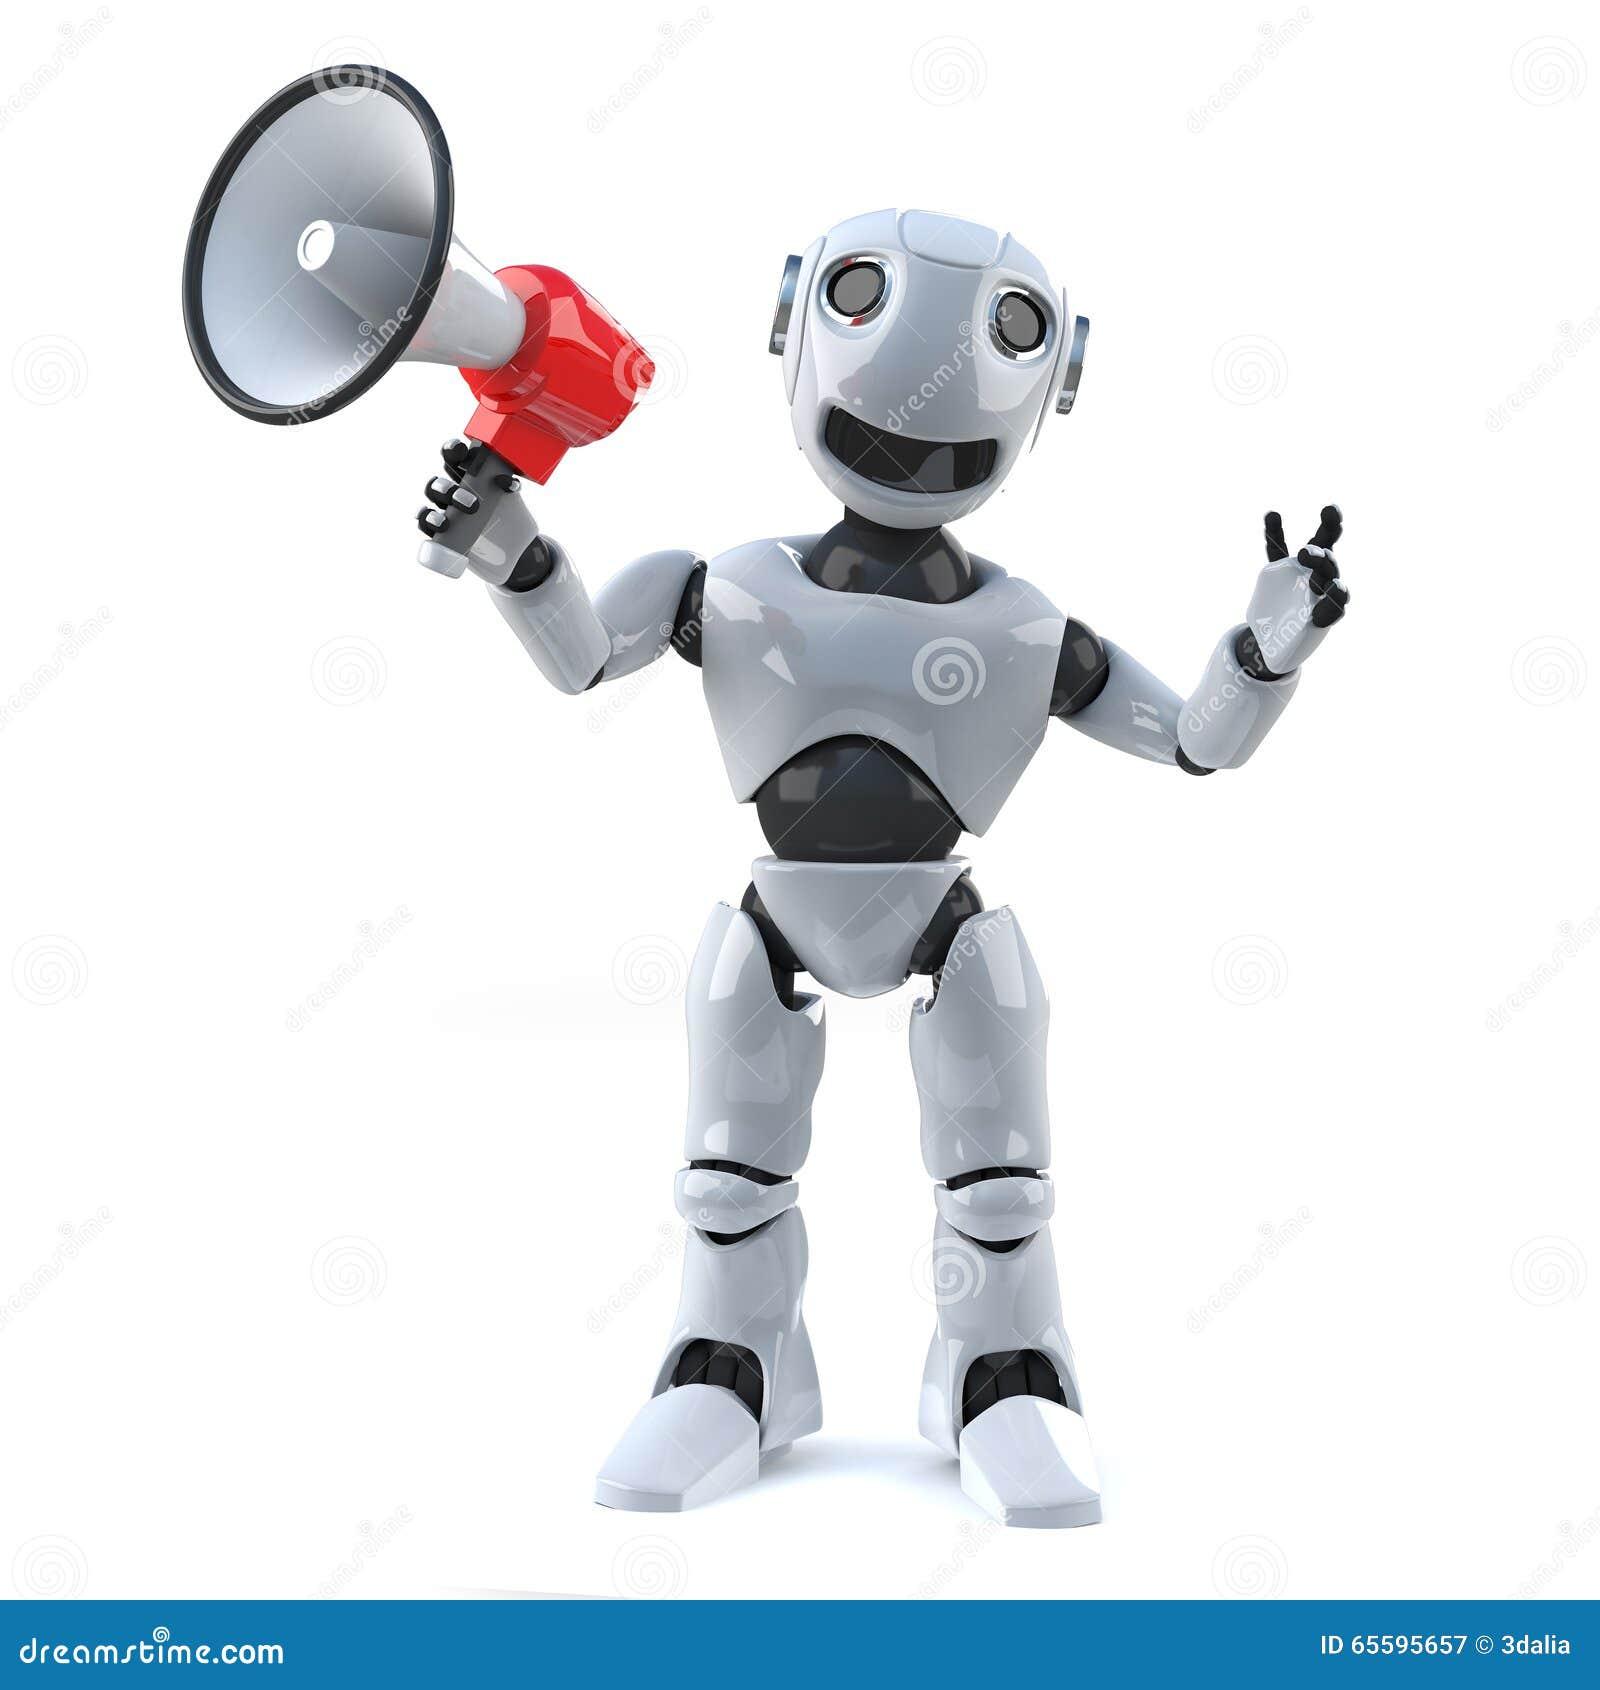 τρισδιάστατο ρομπότ που χρησιμοποιεί megaphone για να κάνει μια ανακοίνωση